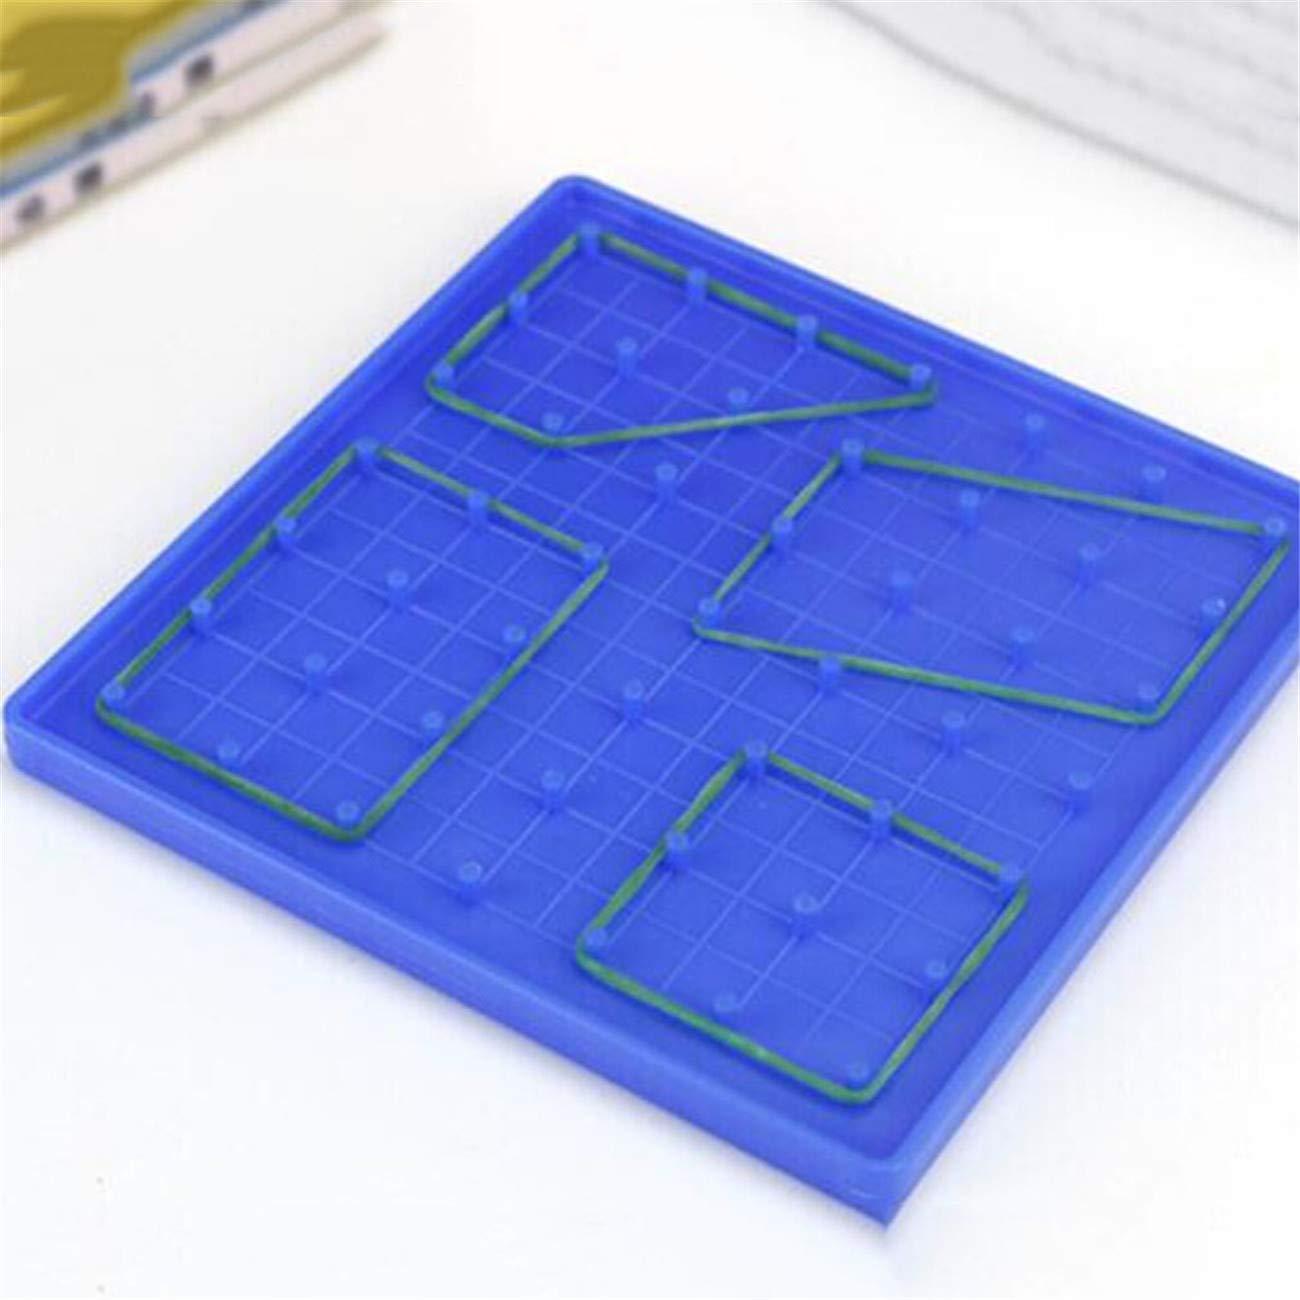 Bigsweety Forme G/éom/étrique D/émo Clou/é Plaque Enfants Primaire Math/ématiques Polygone Jouets Cognitifs Zone De Polygone Calcul Outil